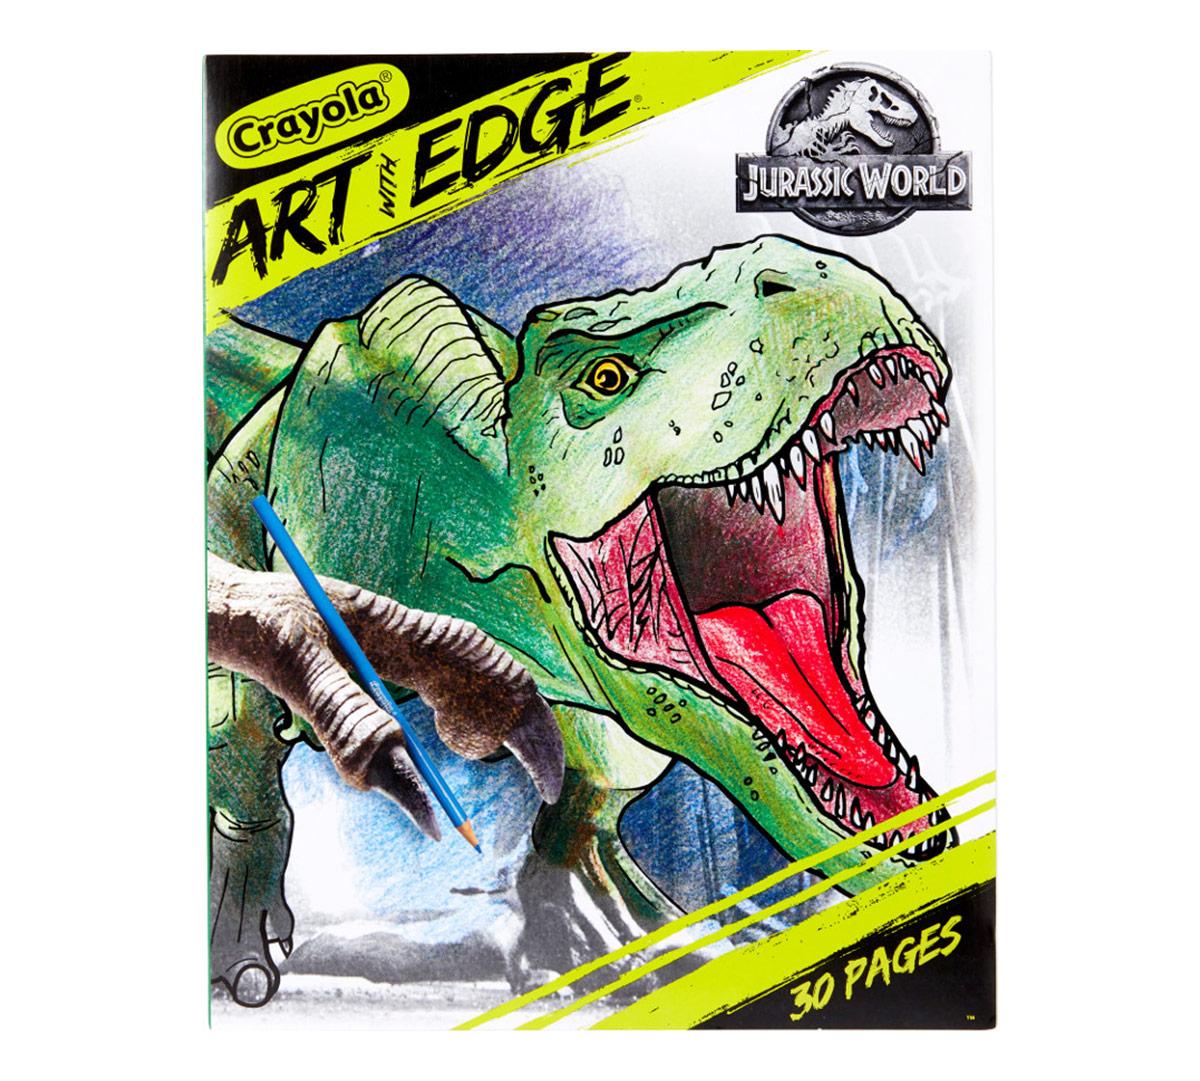 04 0397 0 960 Art Wit Edge Jurassic World F1